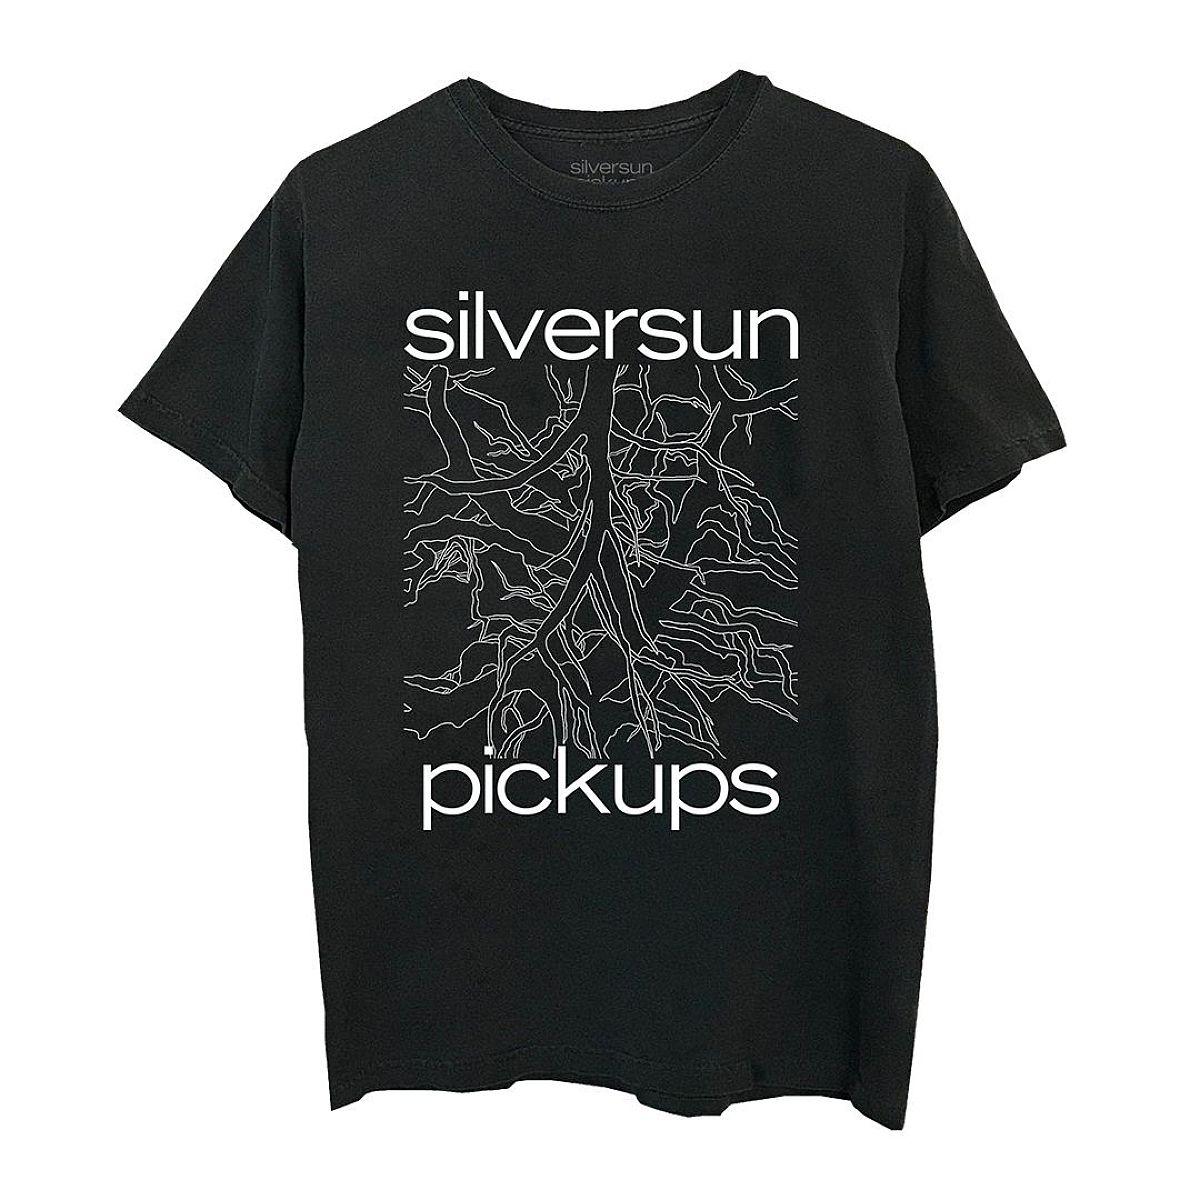 Silversun Pickups Widow's Weeds Black T-Shirt